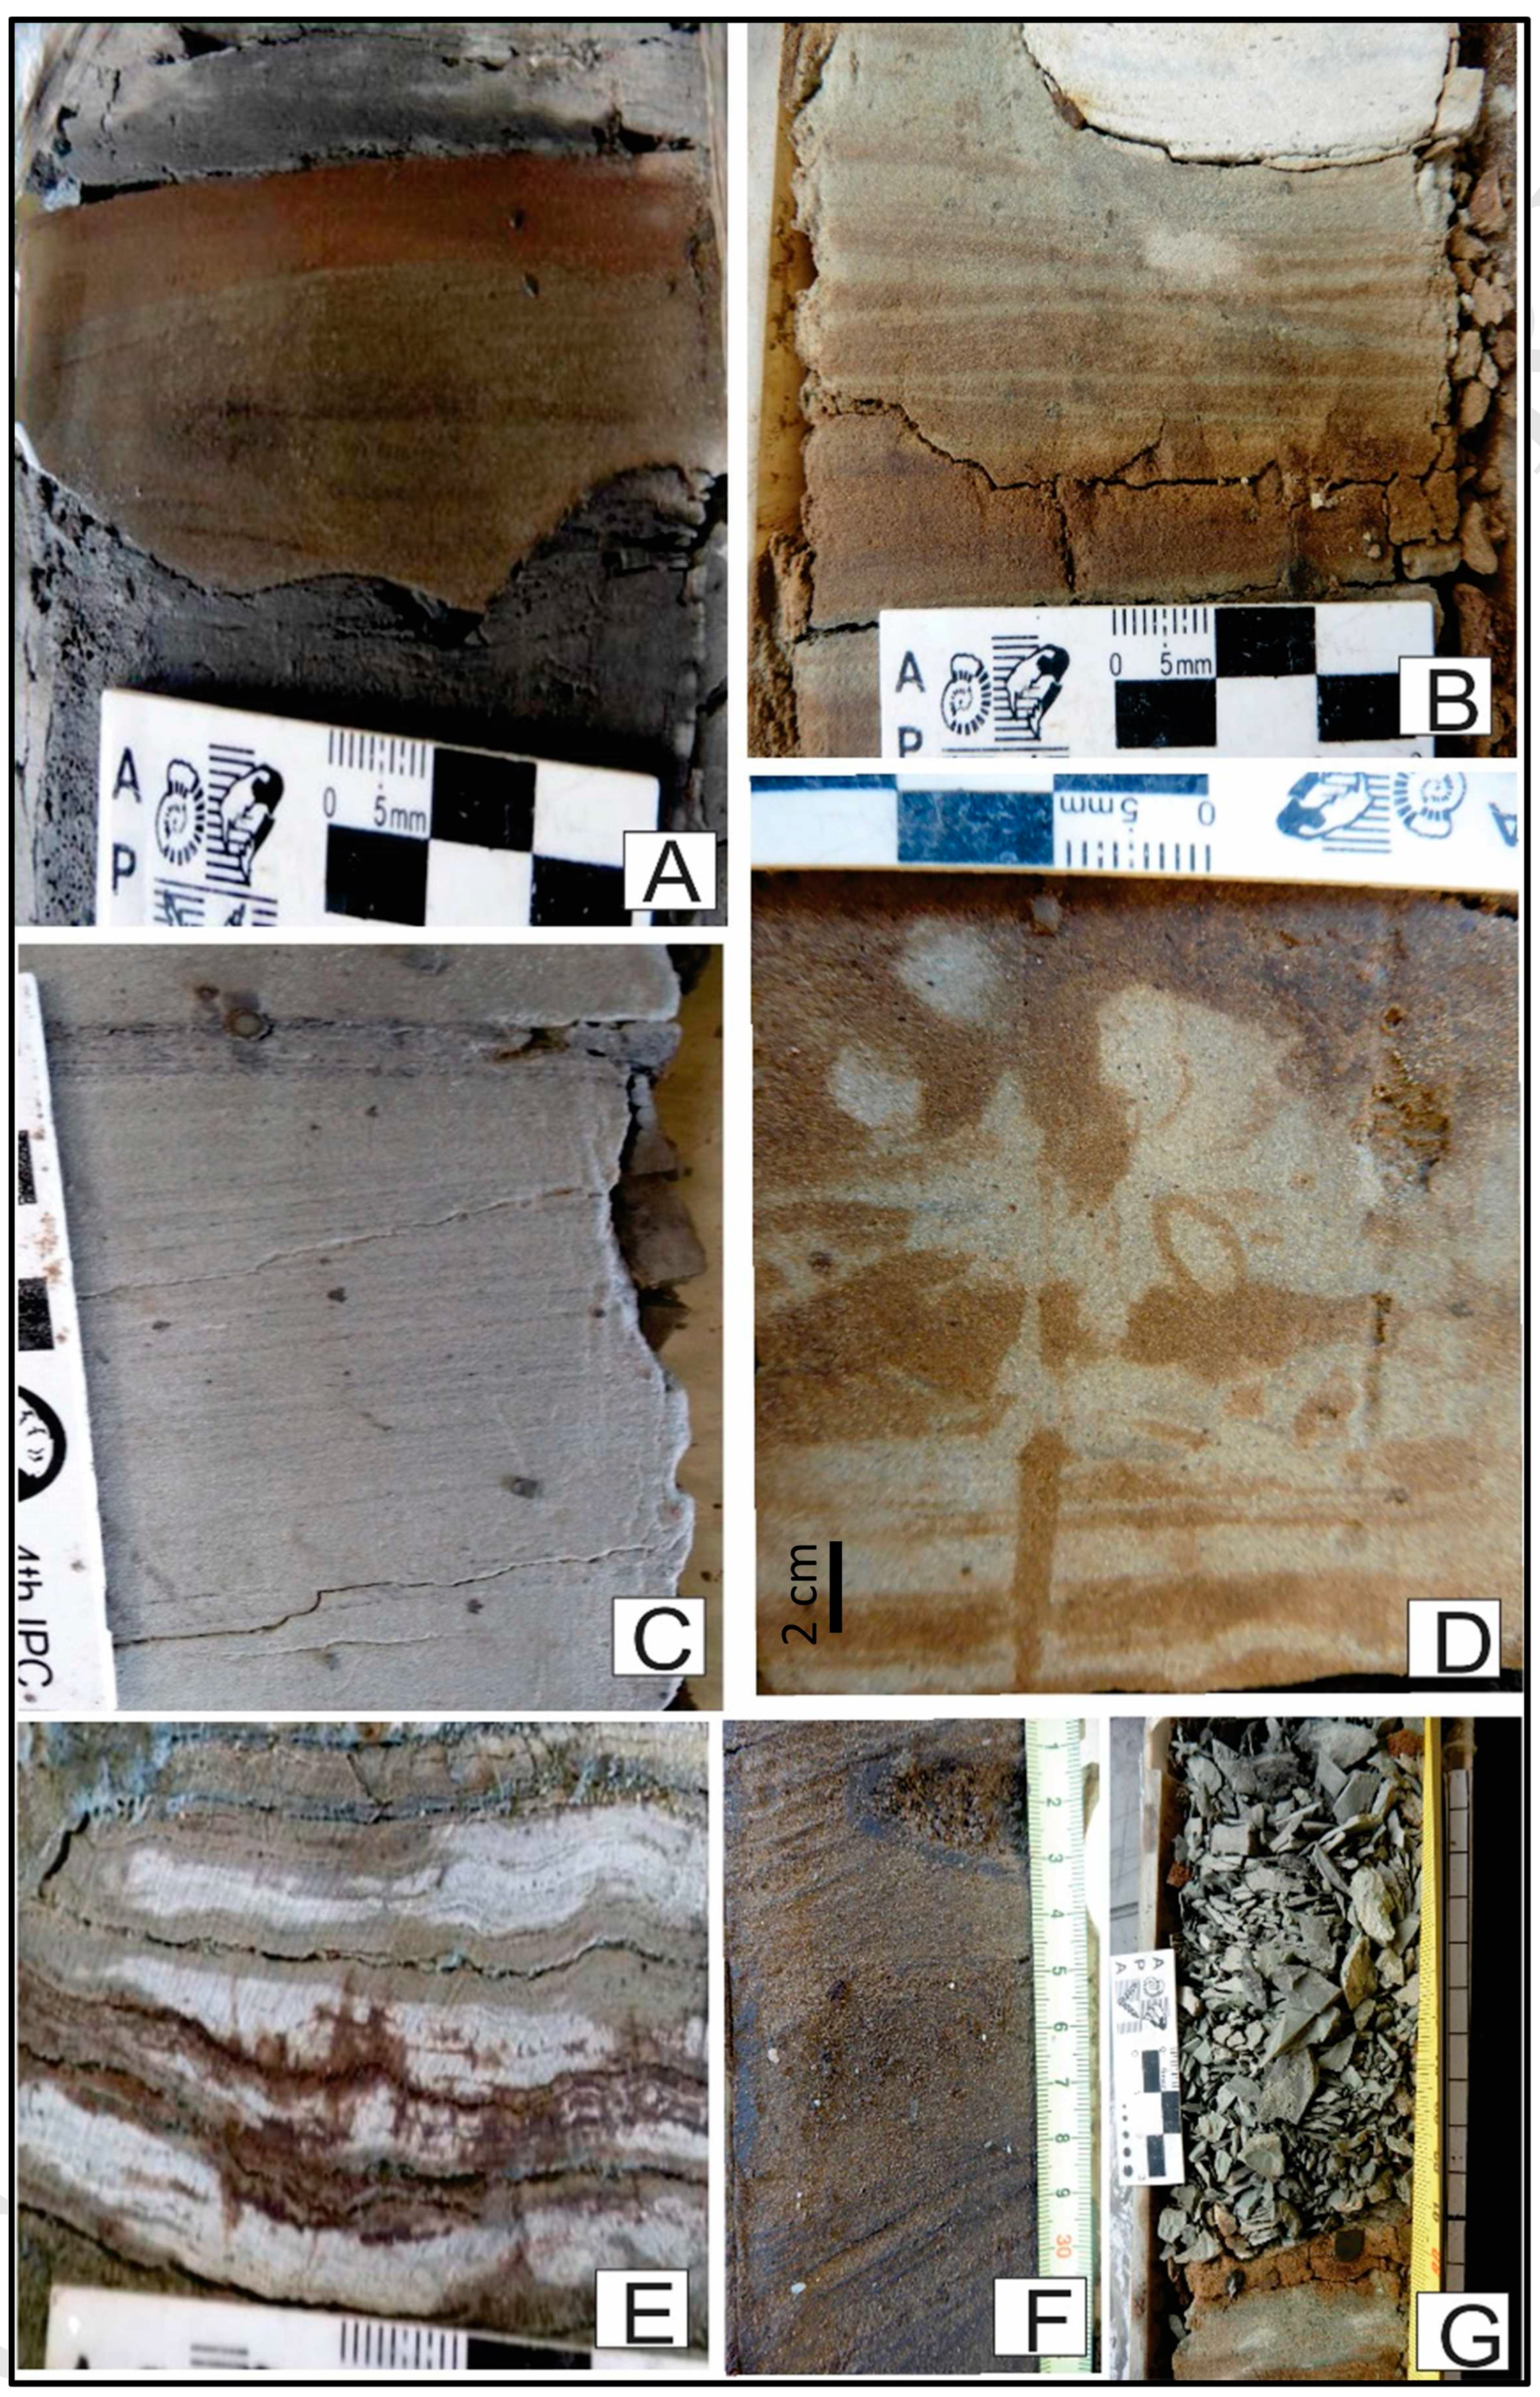 Revisión de una unidad de subsuperficie en el borde nordeste de la cuenca Neuquina: la Formación Centenario del Cretácico Inferior